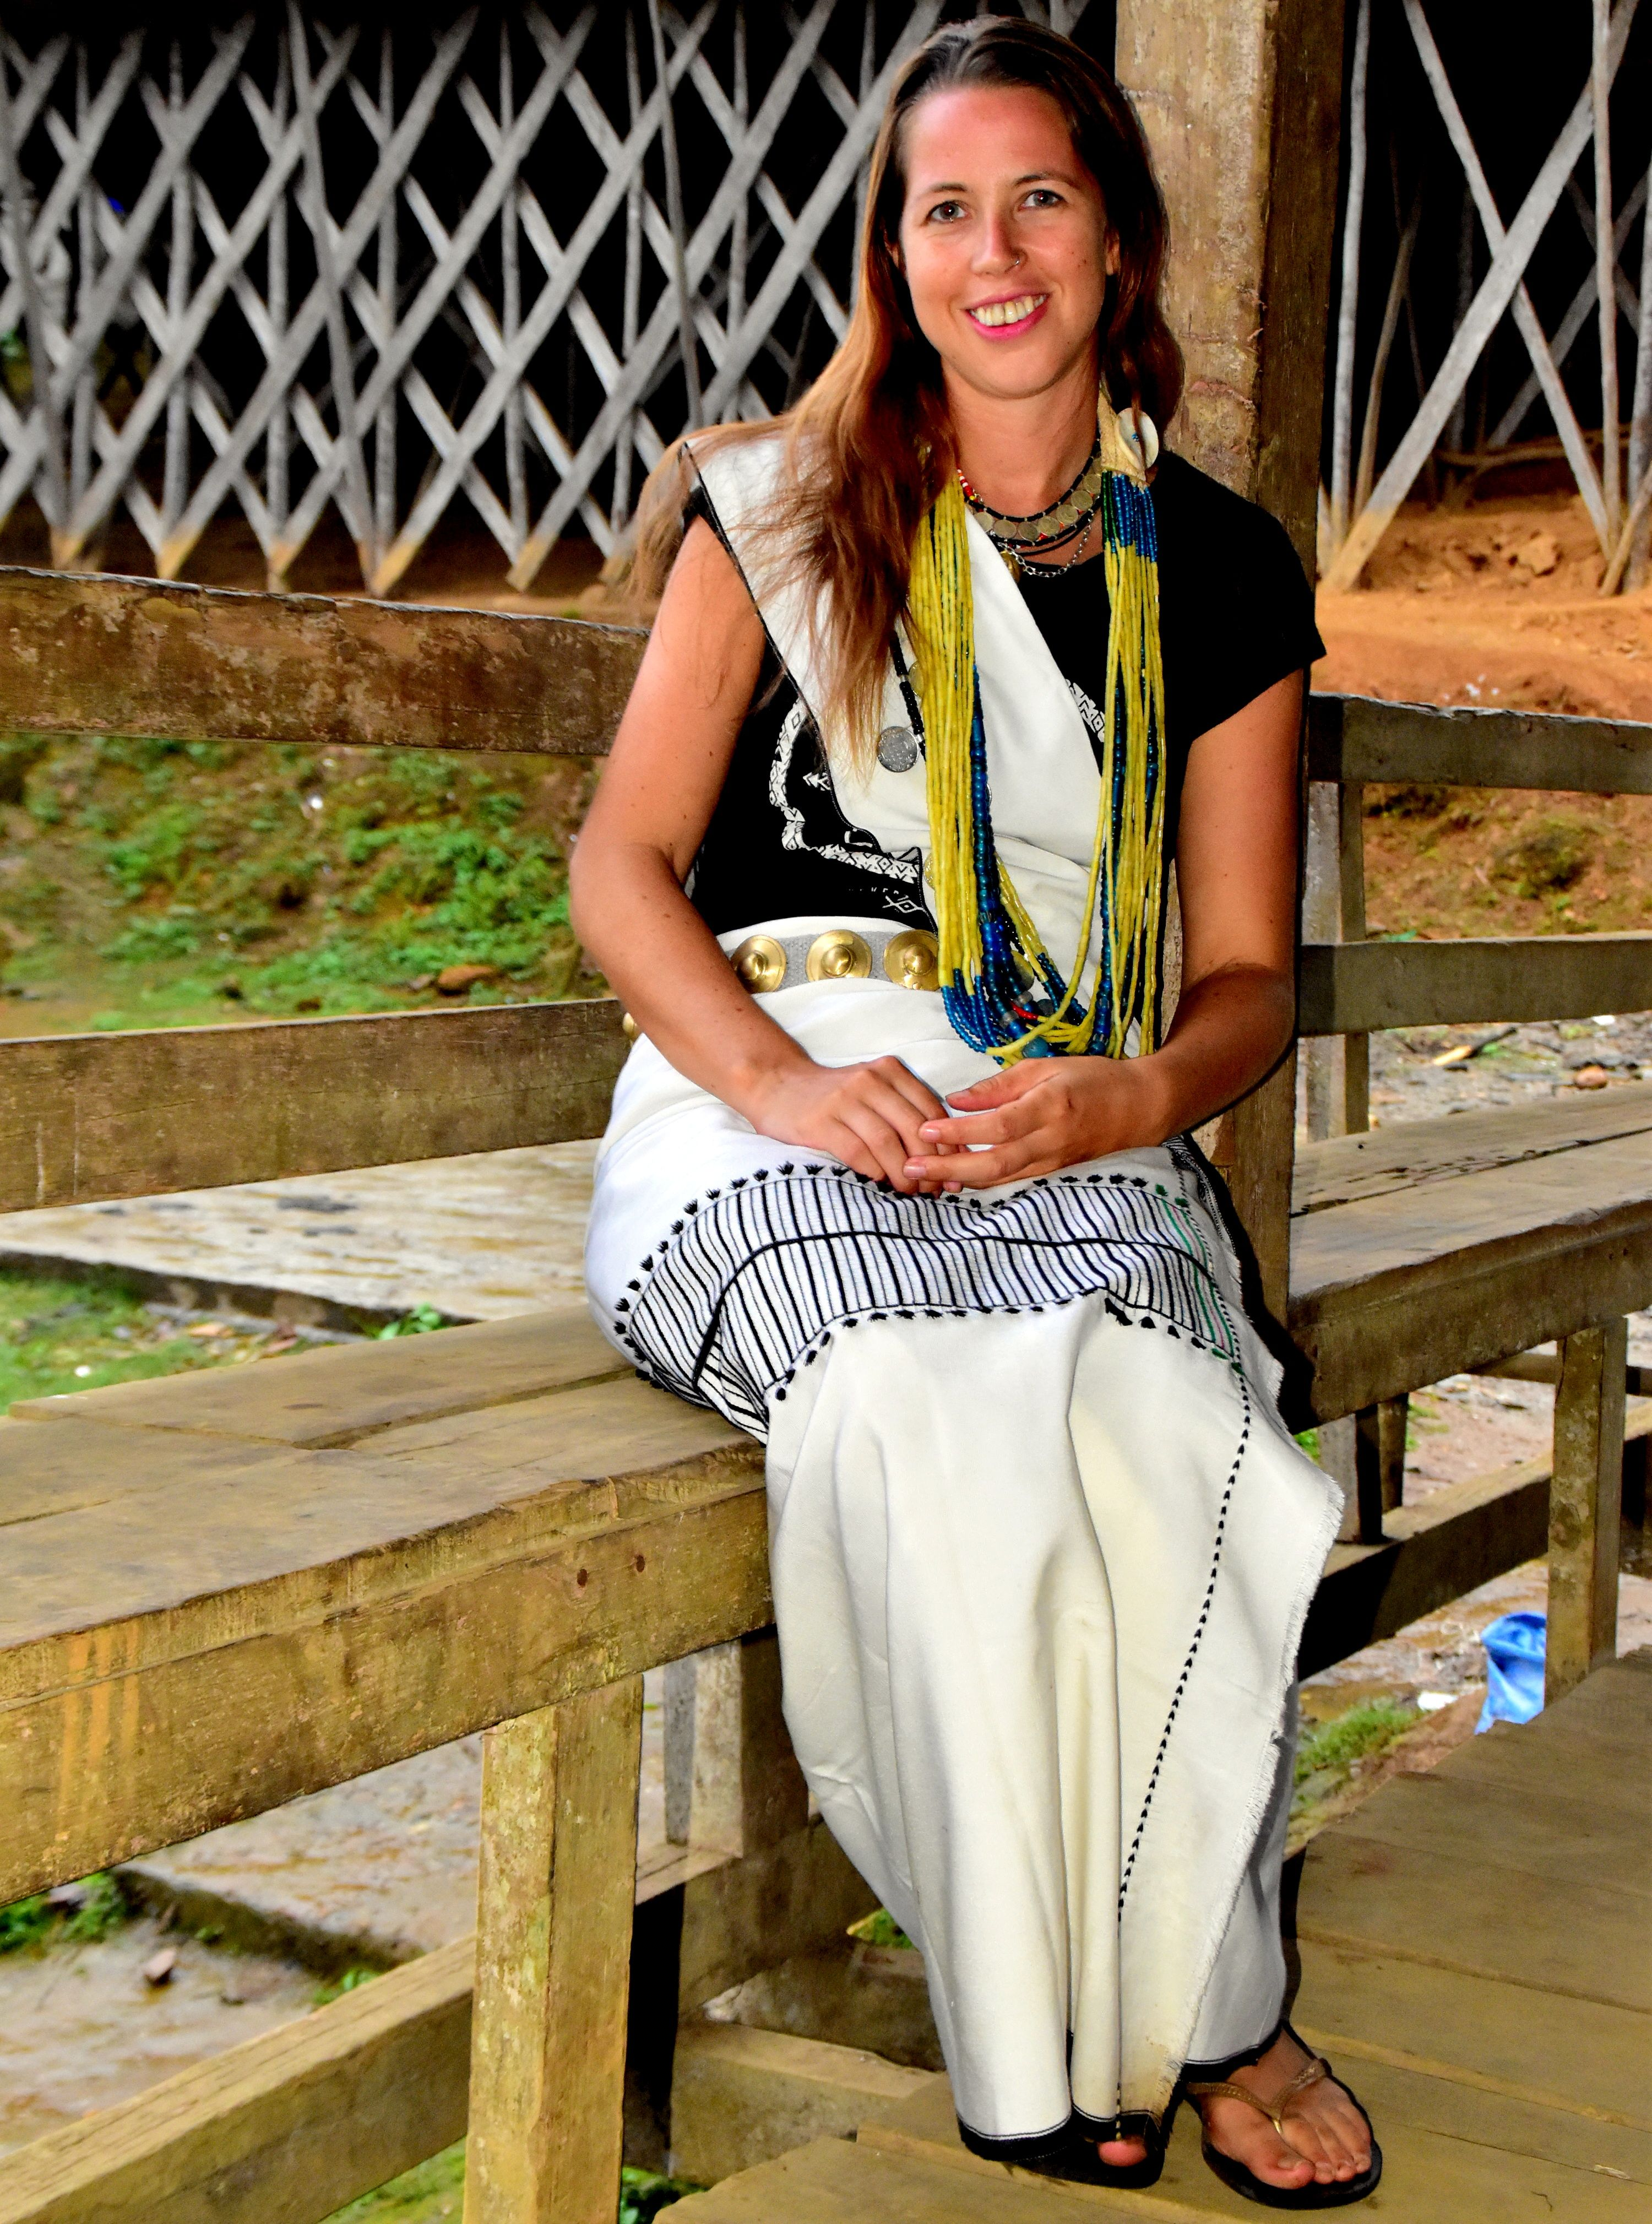 Anna From Global Gallivanting In Galo Tribe Attire In Aalo Arunachalpradesh Arunachal Pradesh India Attire